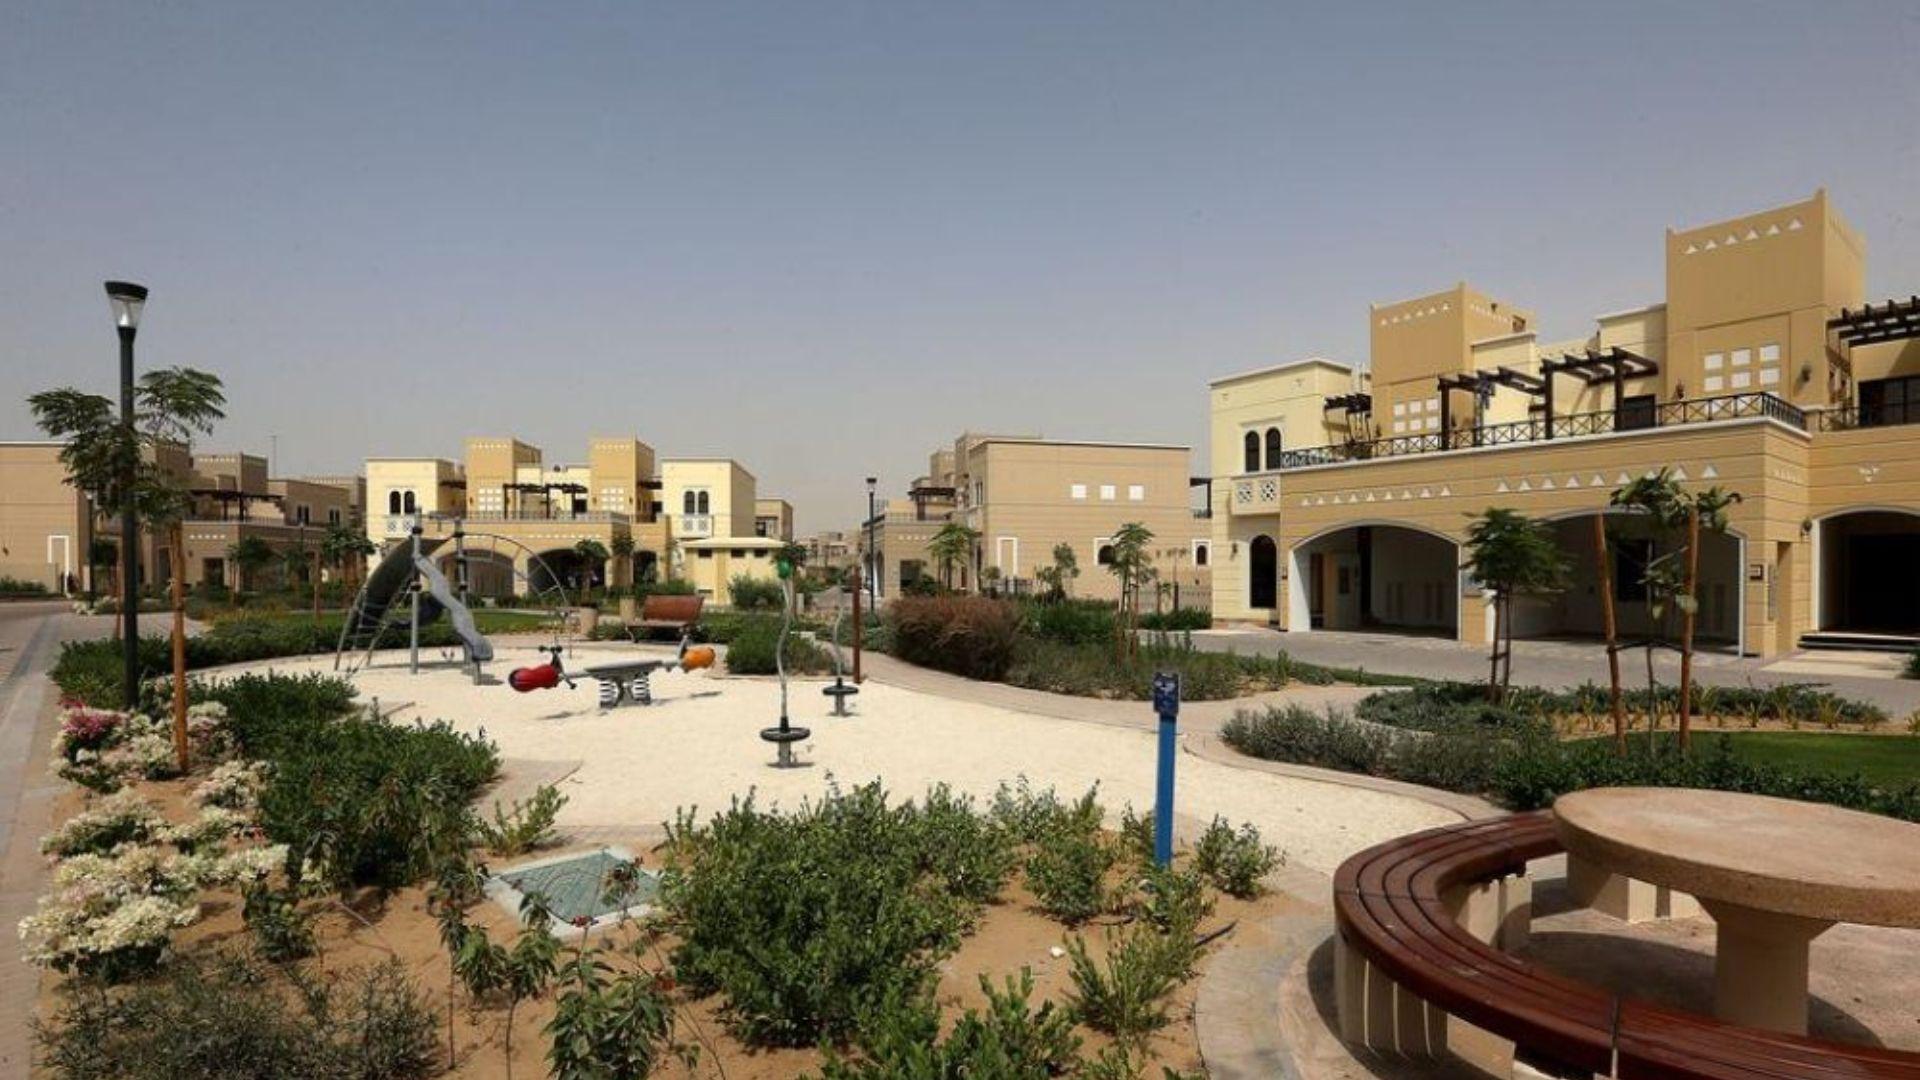 Adosado en venta en Dubai, EAU, 2 dormitorios, 165 m2, № 24436 – foto 5